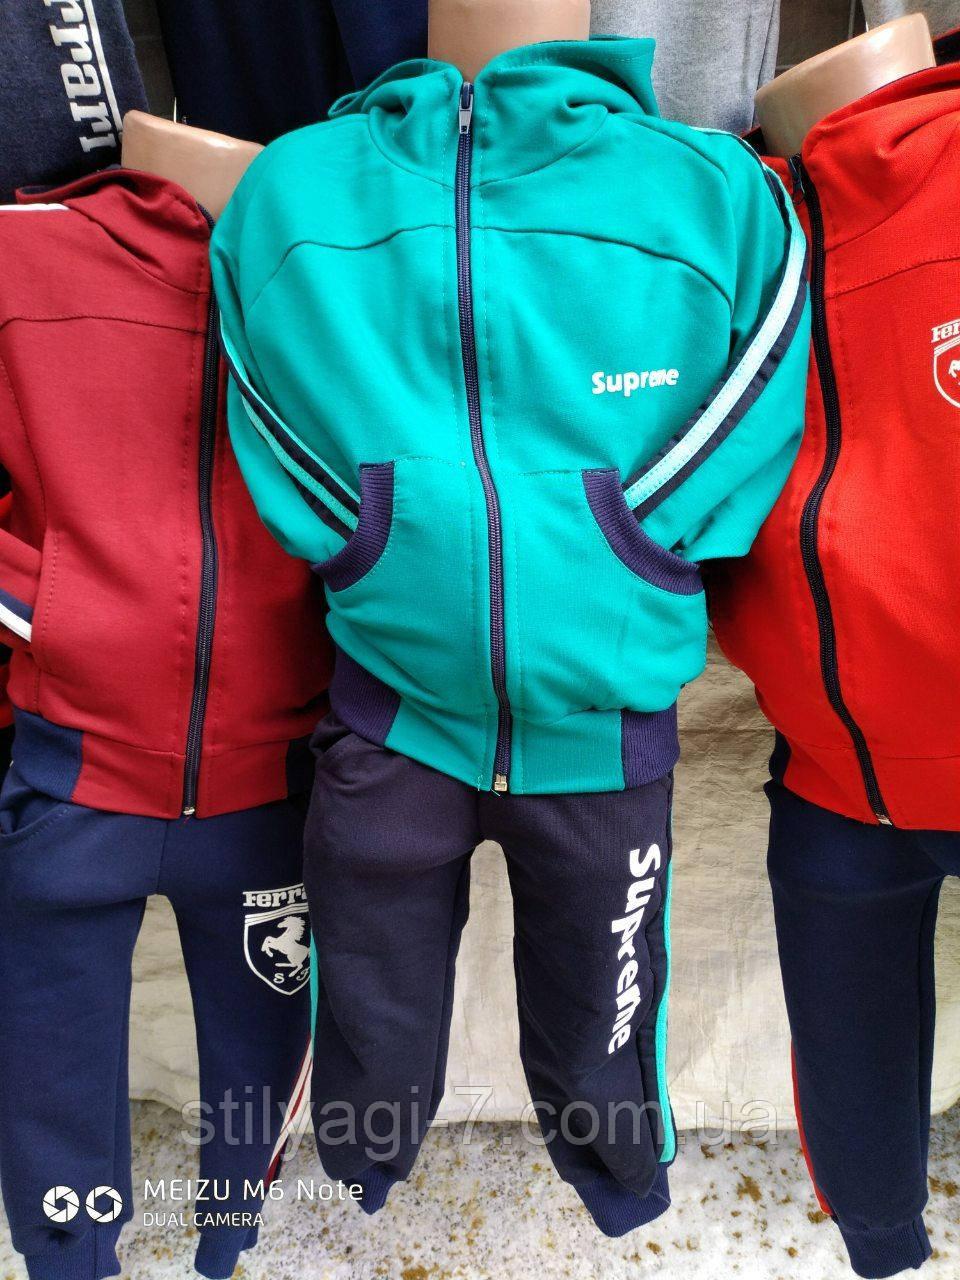 Спортивный костюм для мальчика на 2-6 лет бирюзового с синим  цвета c капюшоном Supreme оптом